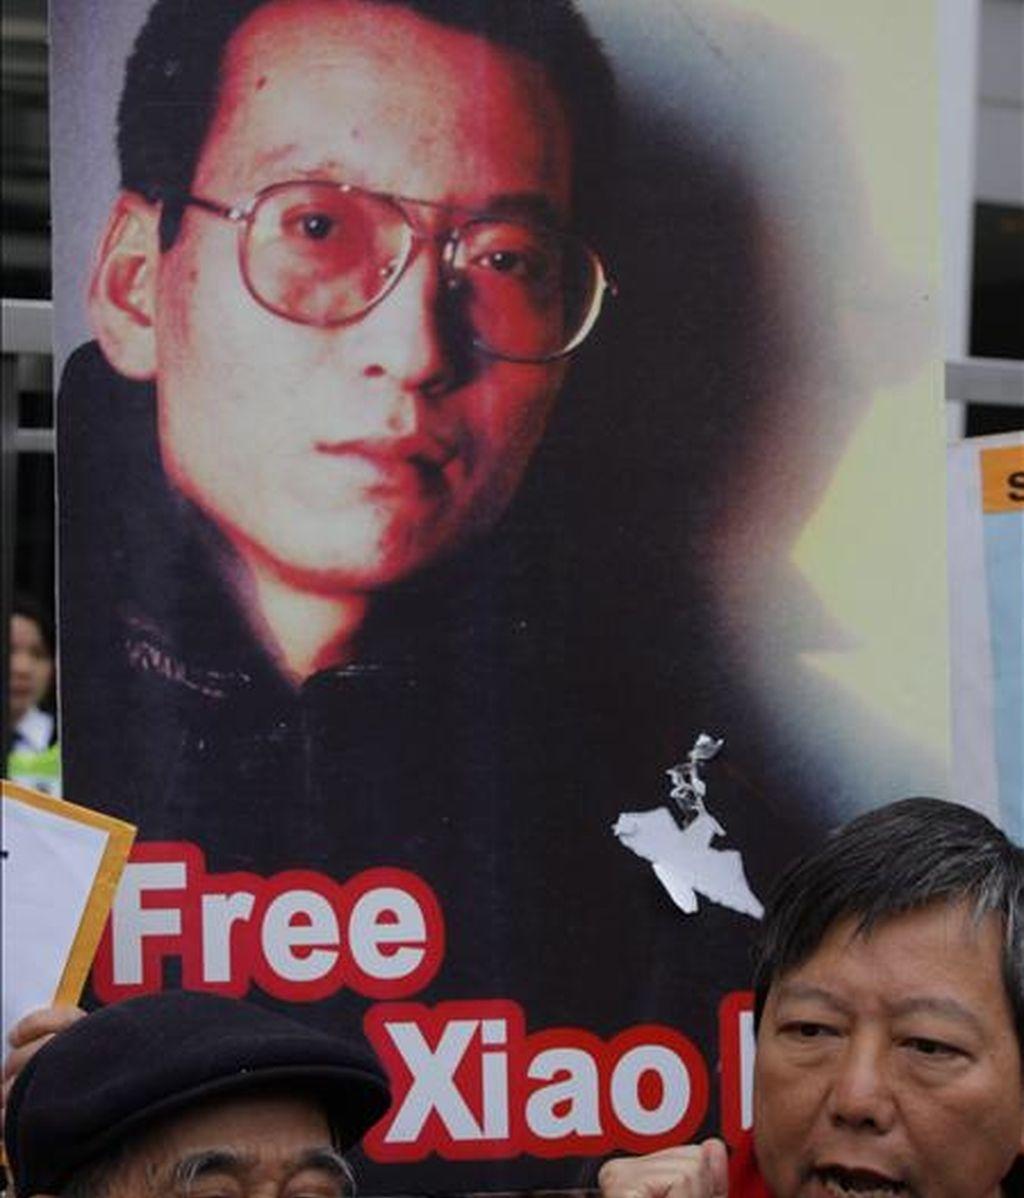 El premio nobel de la Paz Liu Xiaobo, que cumple condena de once años de cárcel por pedir democracia en su país, rechaza la idea del exilio en caso de que lograra la libertad, señaló hoy a Efe uno de sus abogados. EFE/Archivo